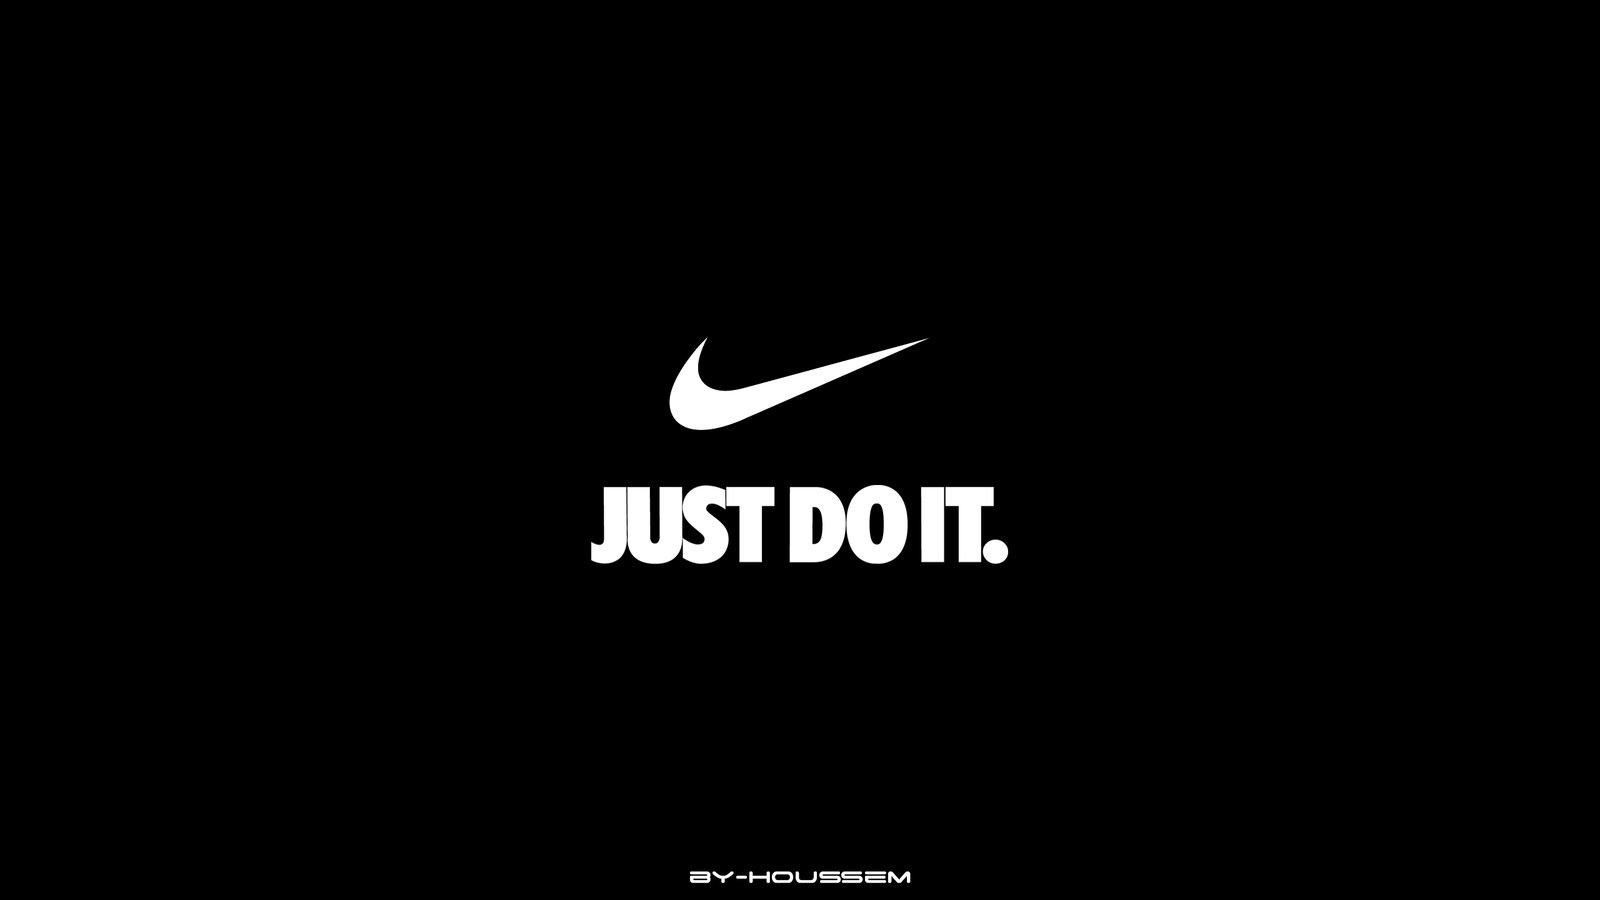 just-do-it-wallpaper-15 jpg